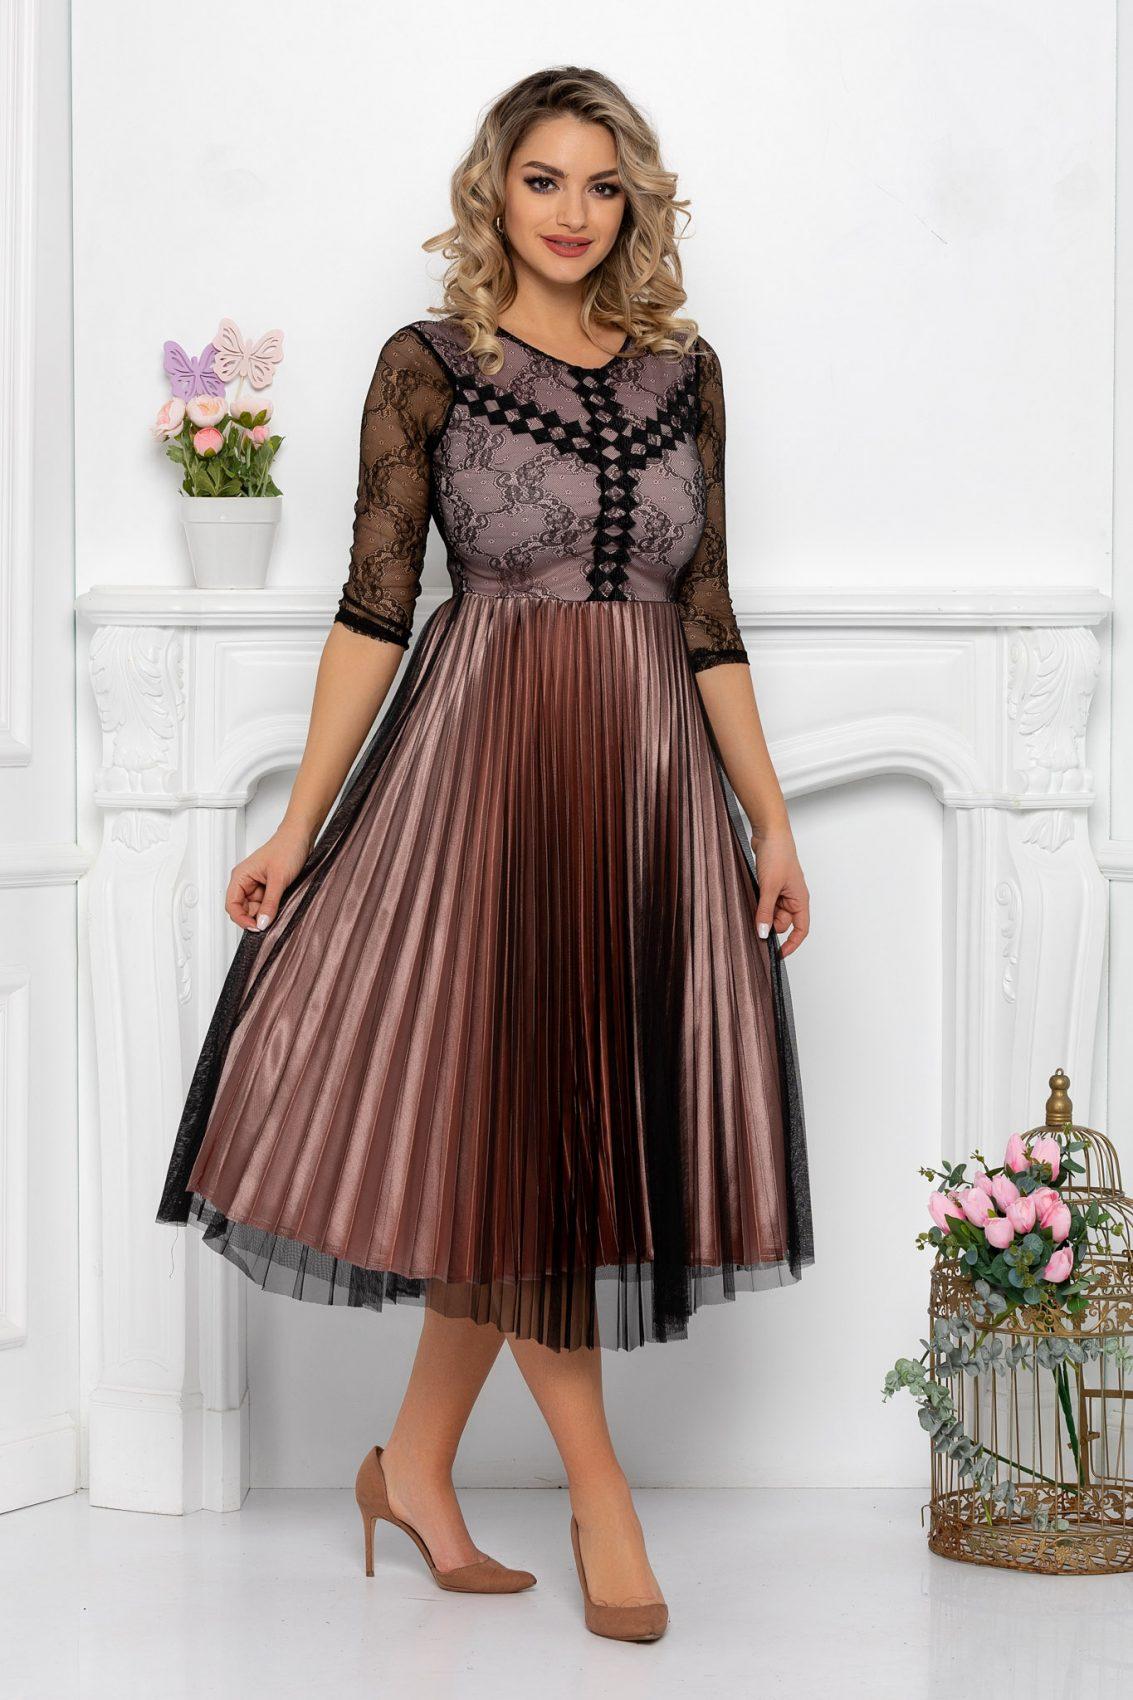 Μίντι Φόρεμα Πλισέ Σάπιο Μήλο Romance 9486 1